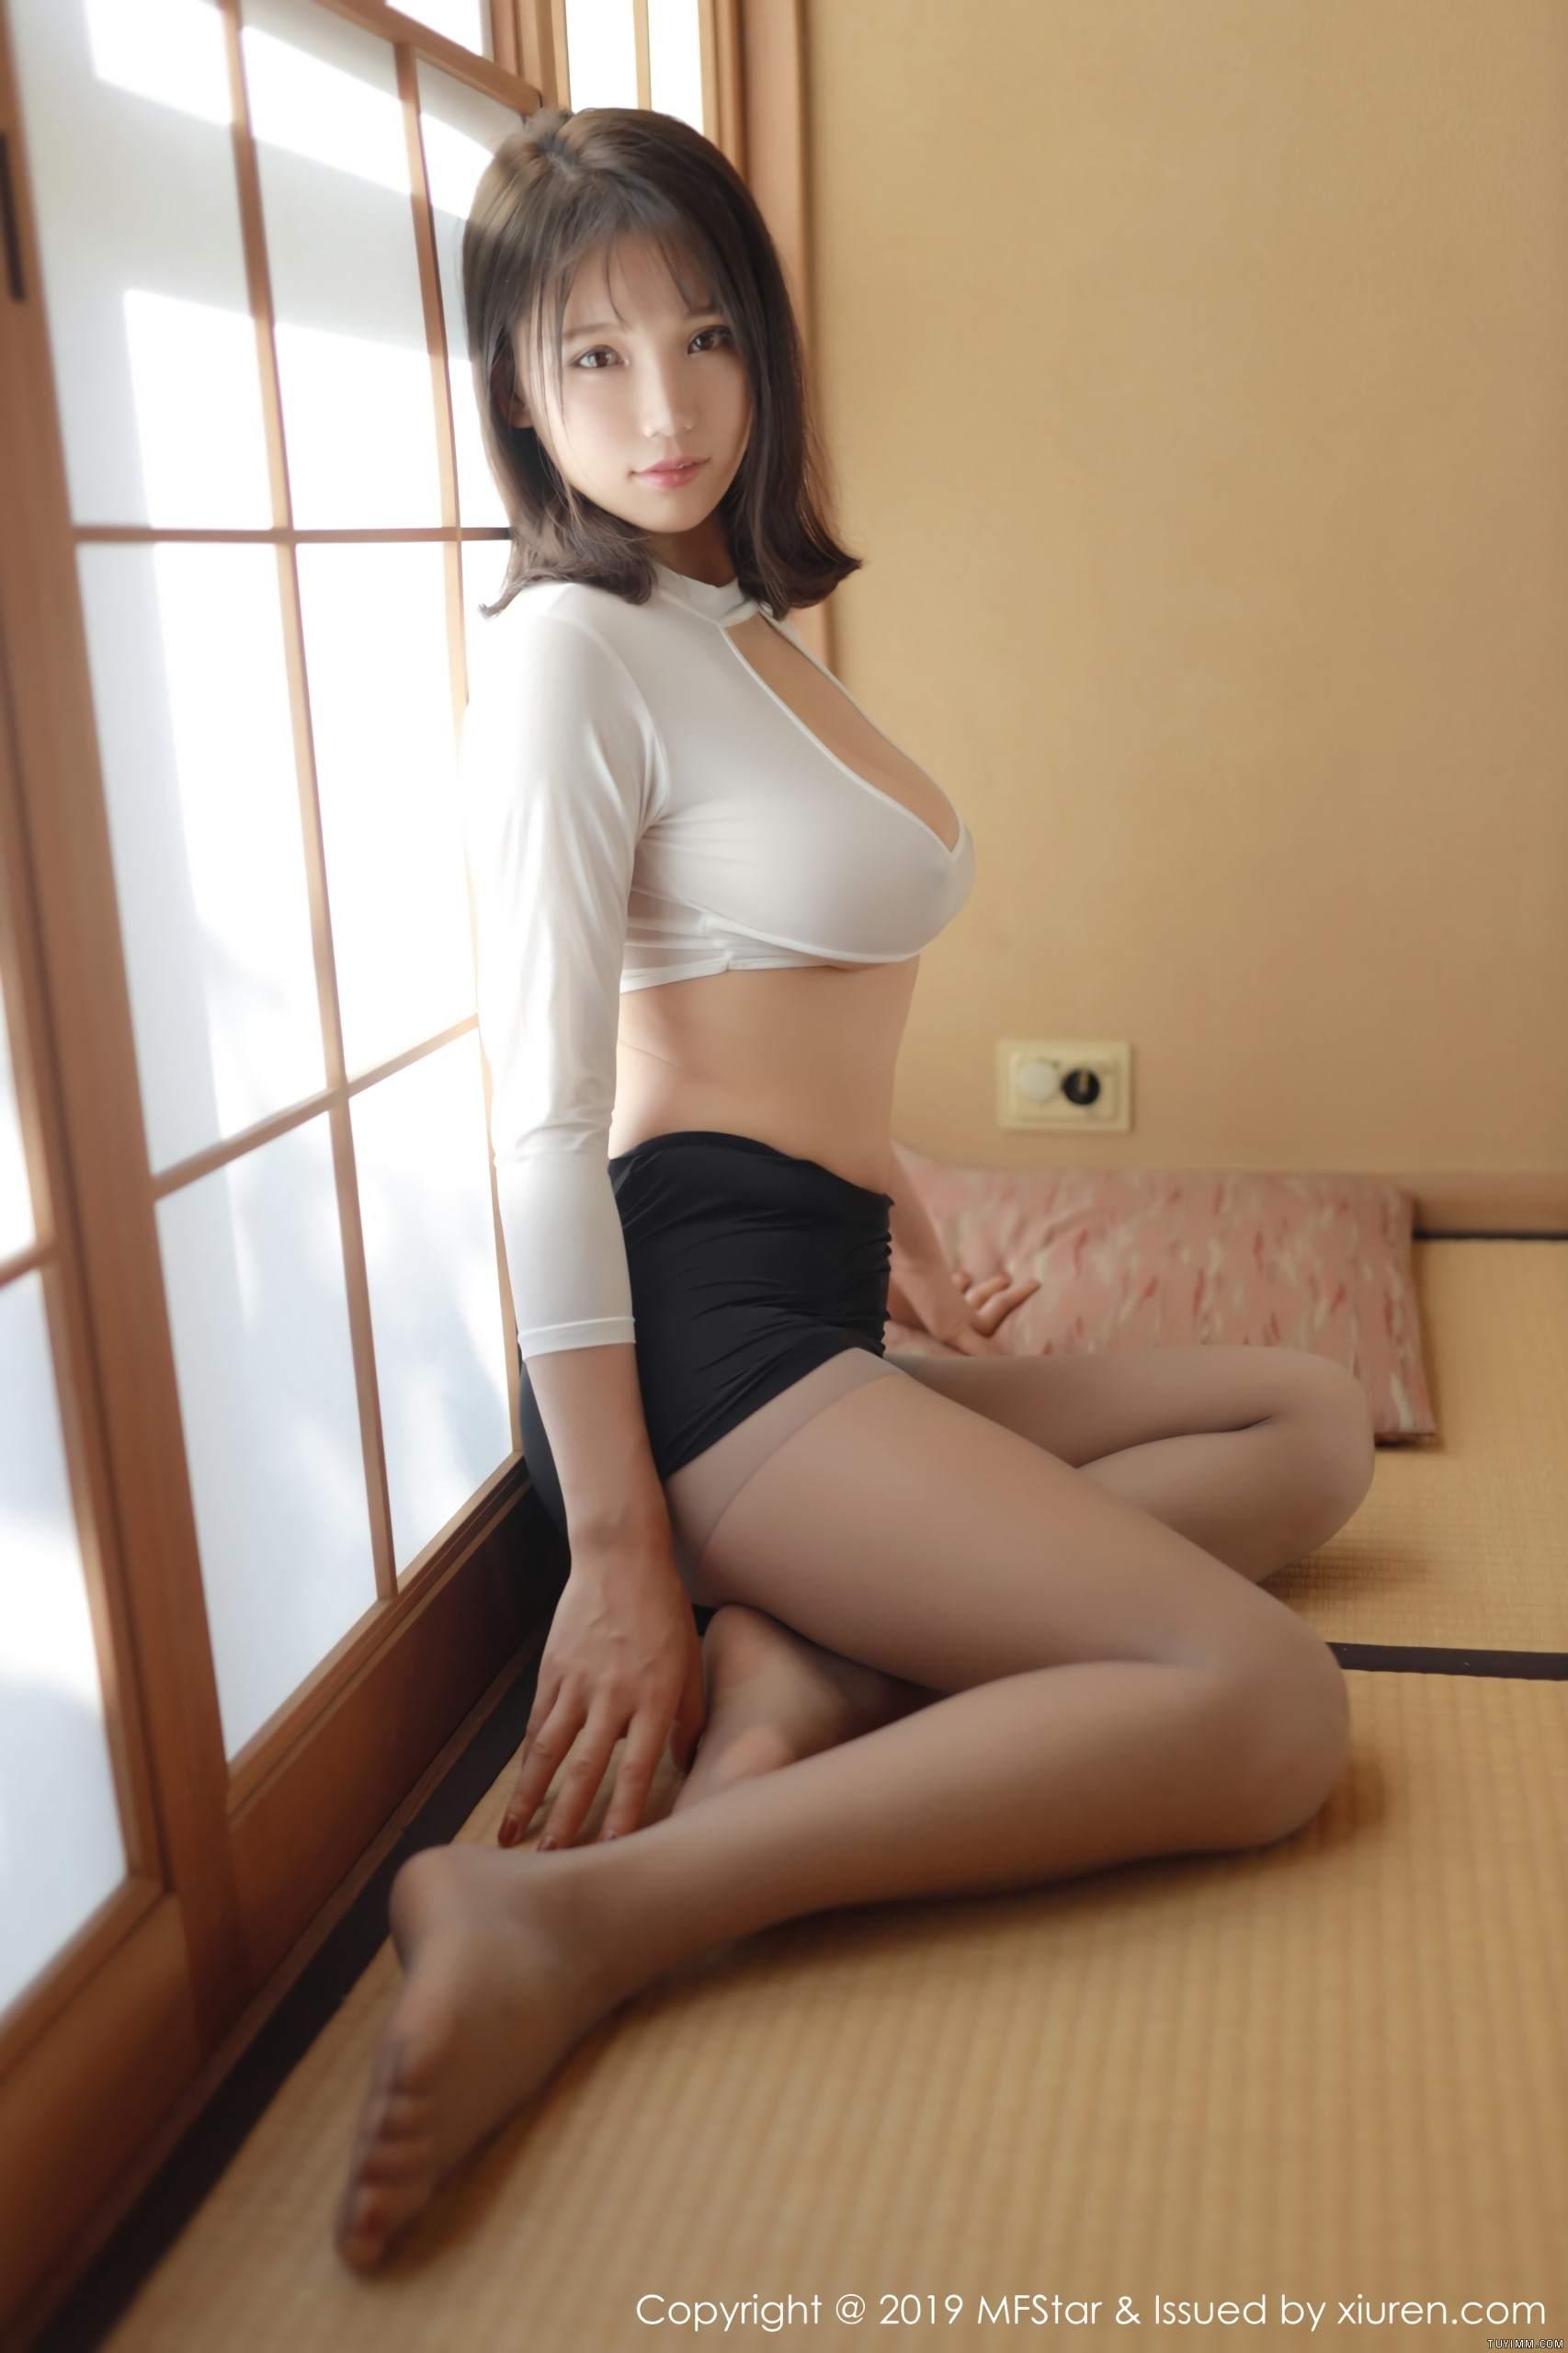 [福利]风骚模特黑丝美腿床上无遮挡人体艺术写真-第23张图片-哔哔娱乐网